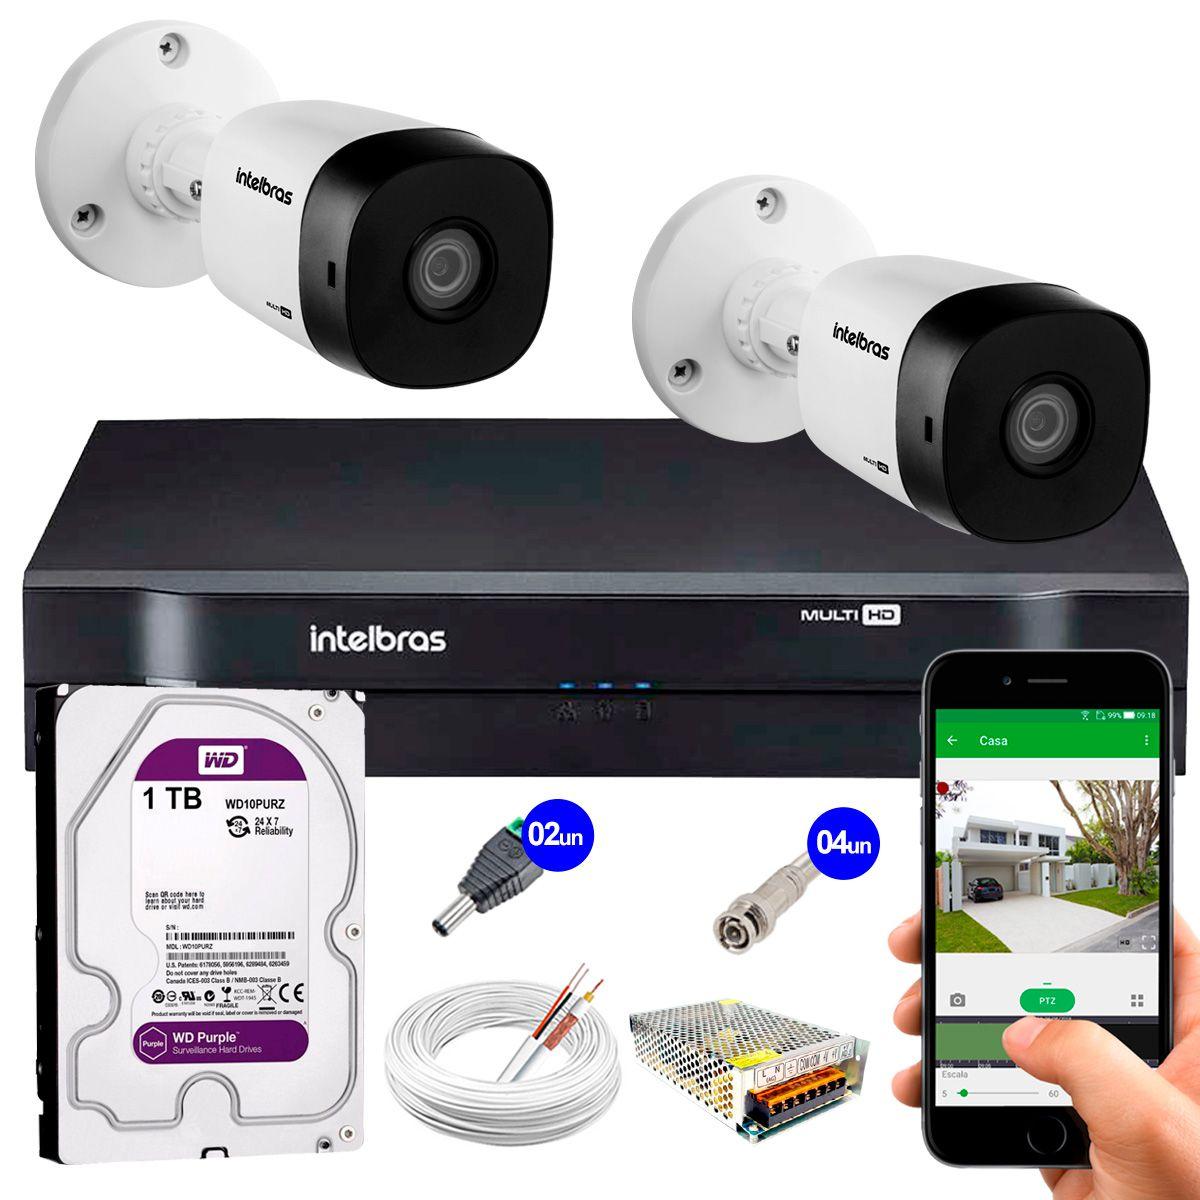 Kit 2 Câmeras VHD 3130 B G5 + DVR Intelbras + HD 1TB para Armazenamento +  App Grátis de Monitoramento, Câmeras HD 720p 30m Infravermelho de Visão Noturna Intelbras + Fonte, Cabos e Acessórios  - Tudo Forte